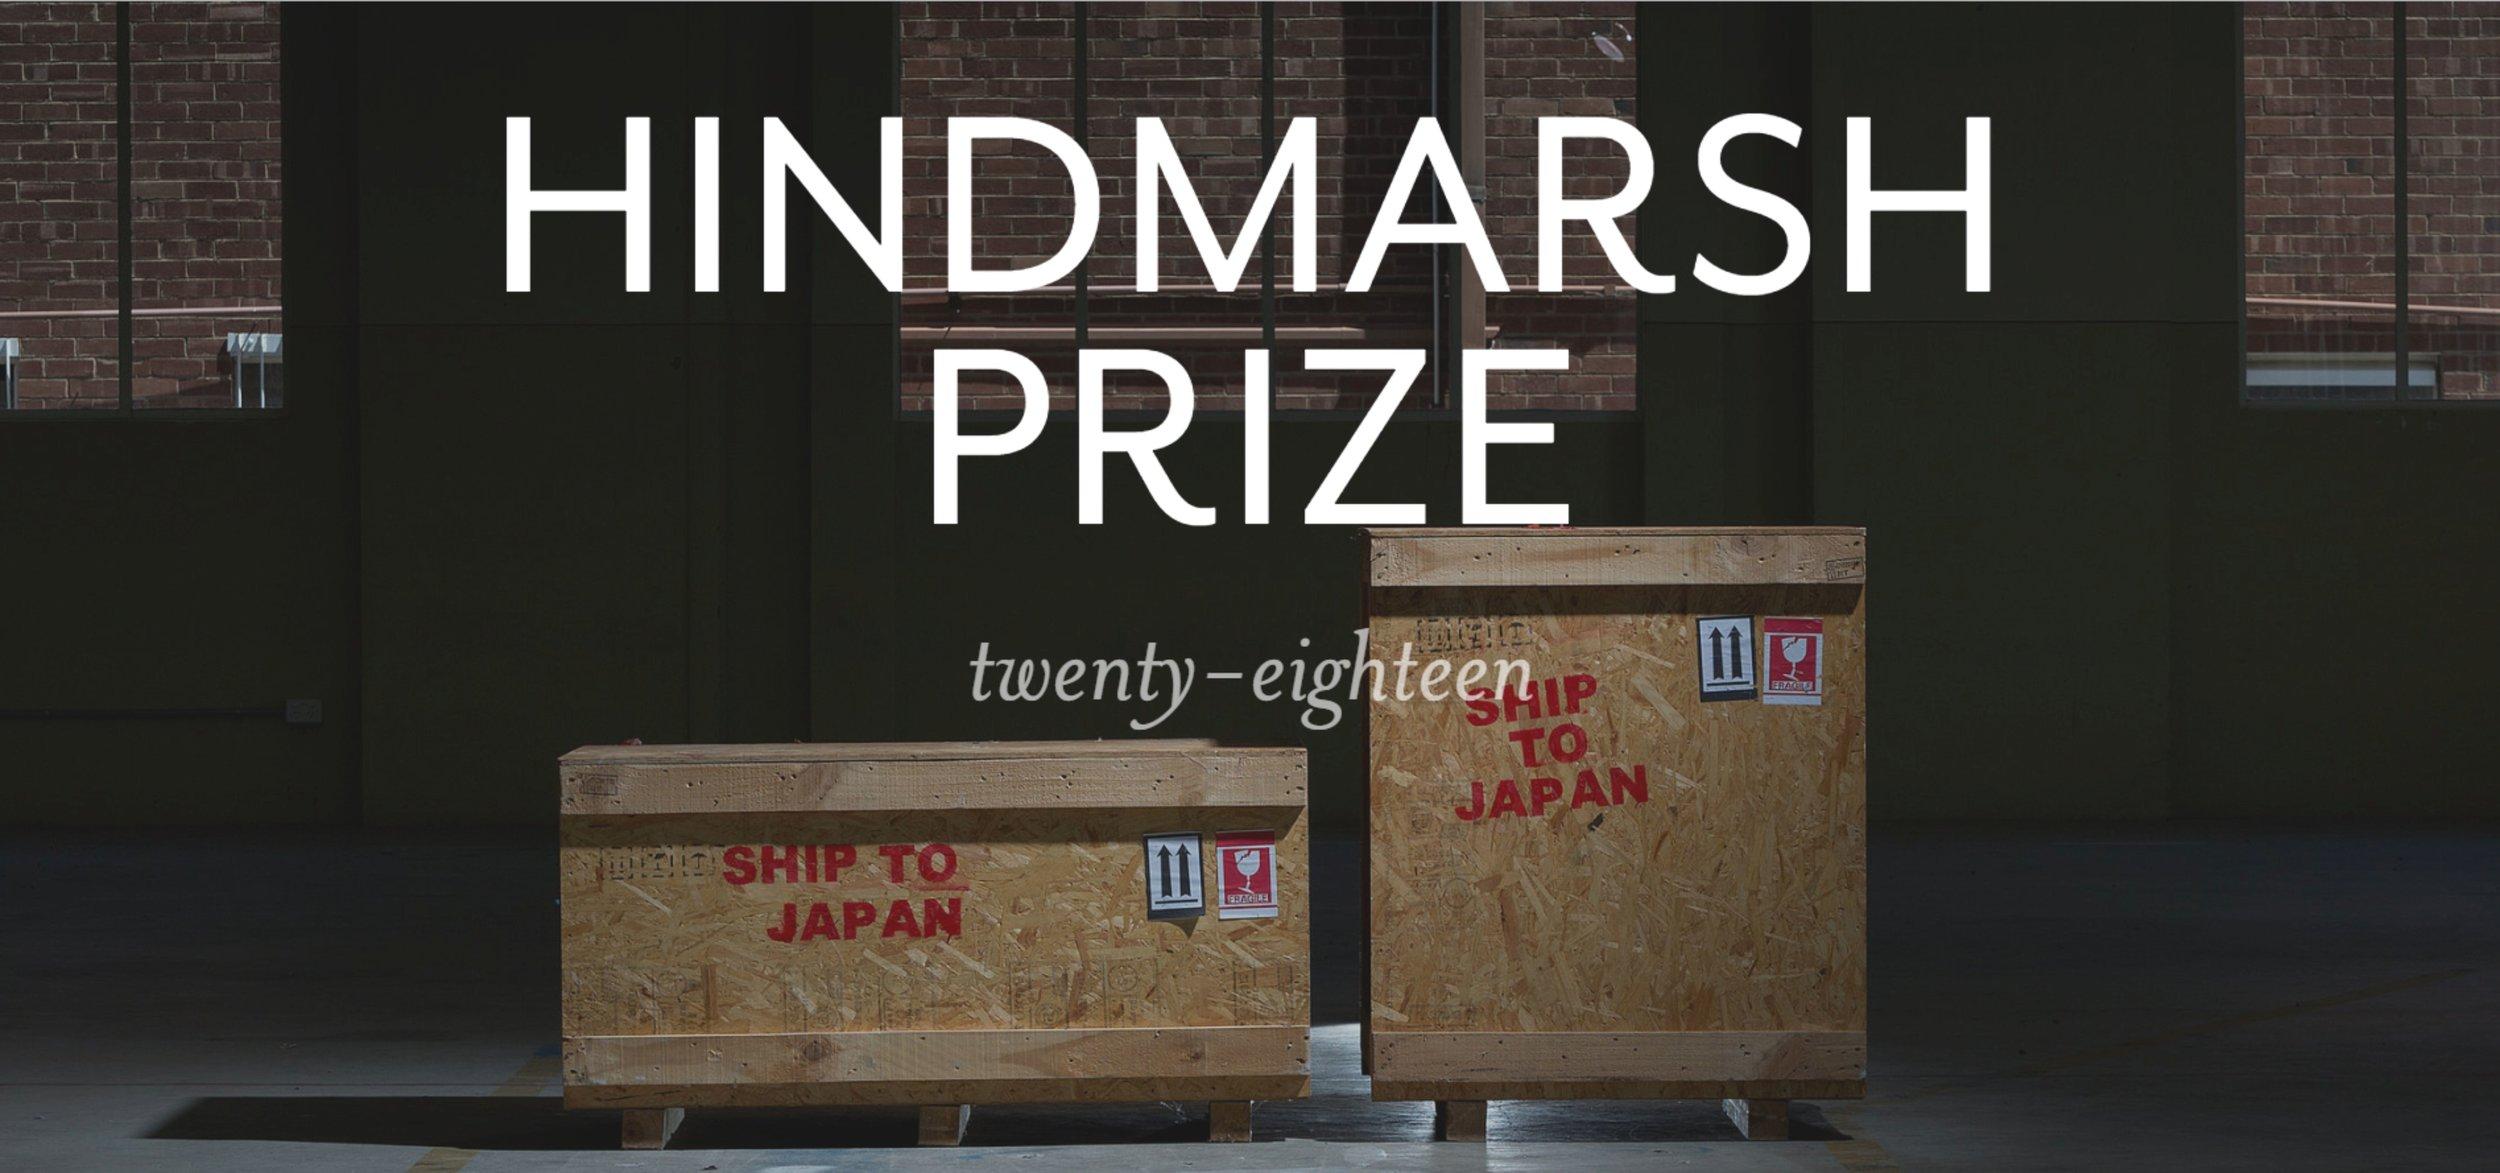 hindmarsh prize banner.jpg